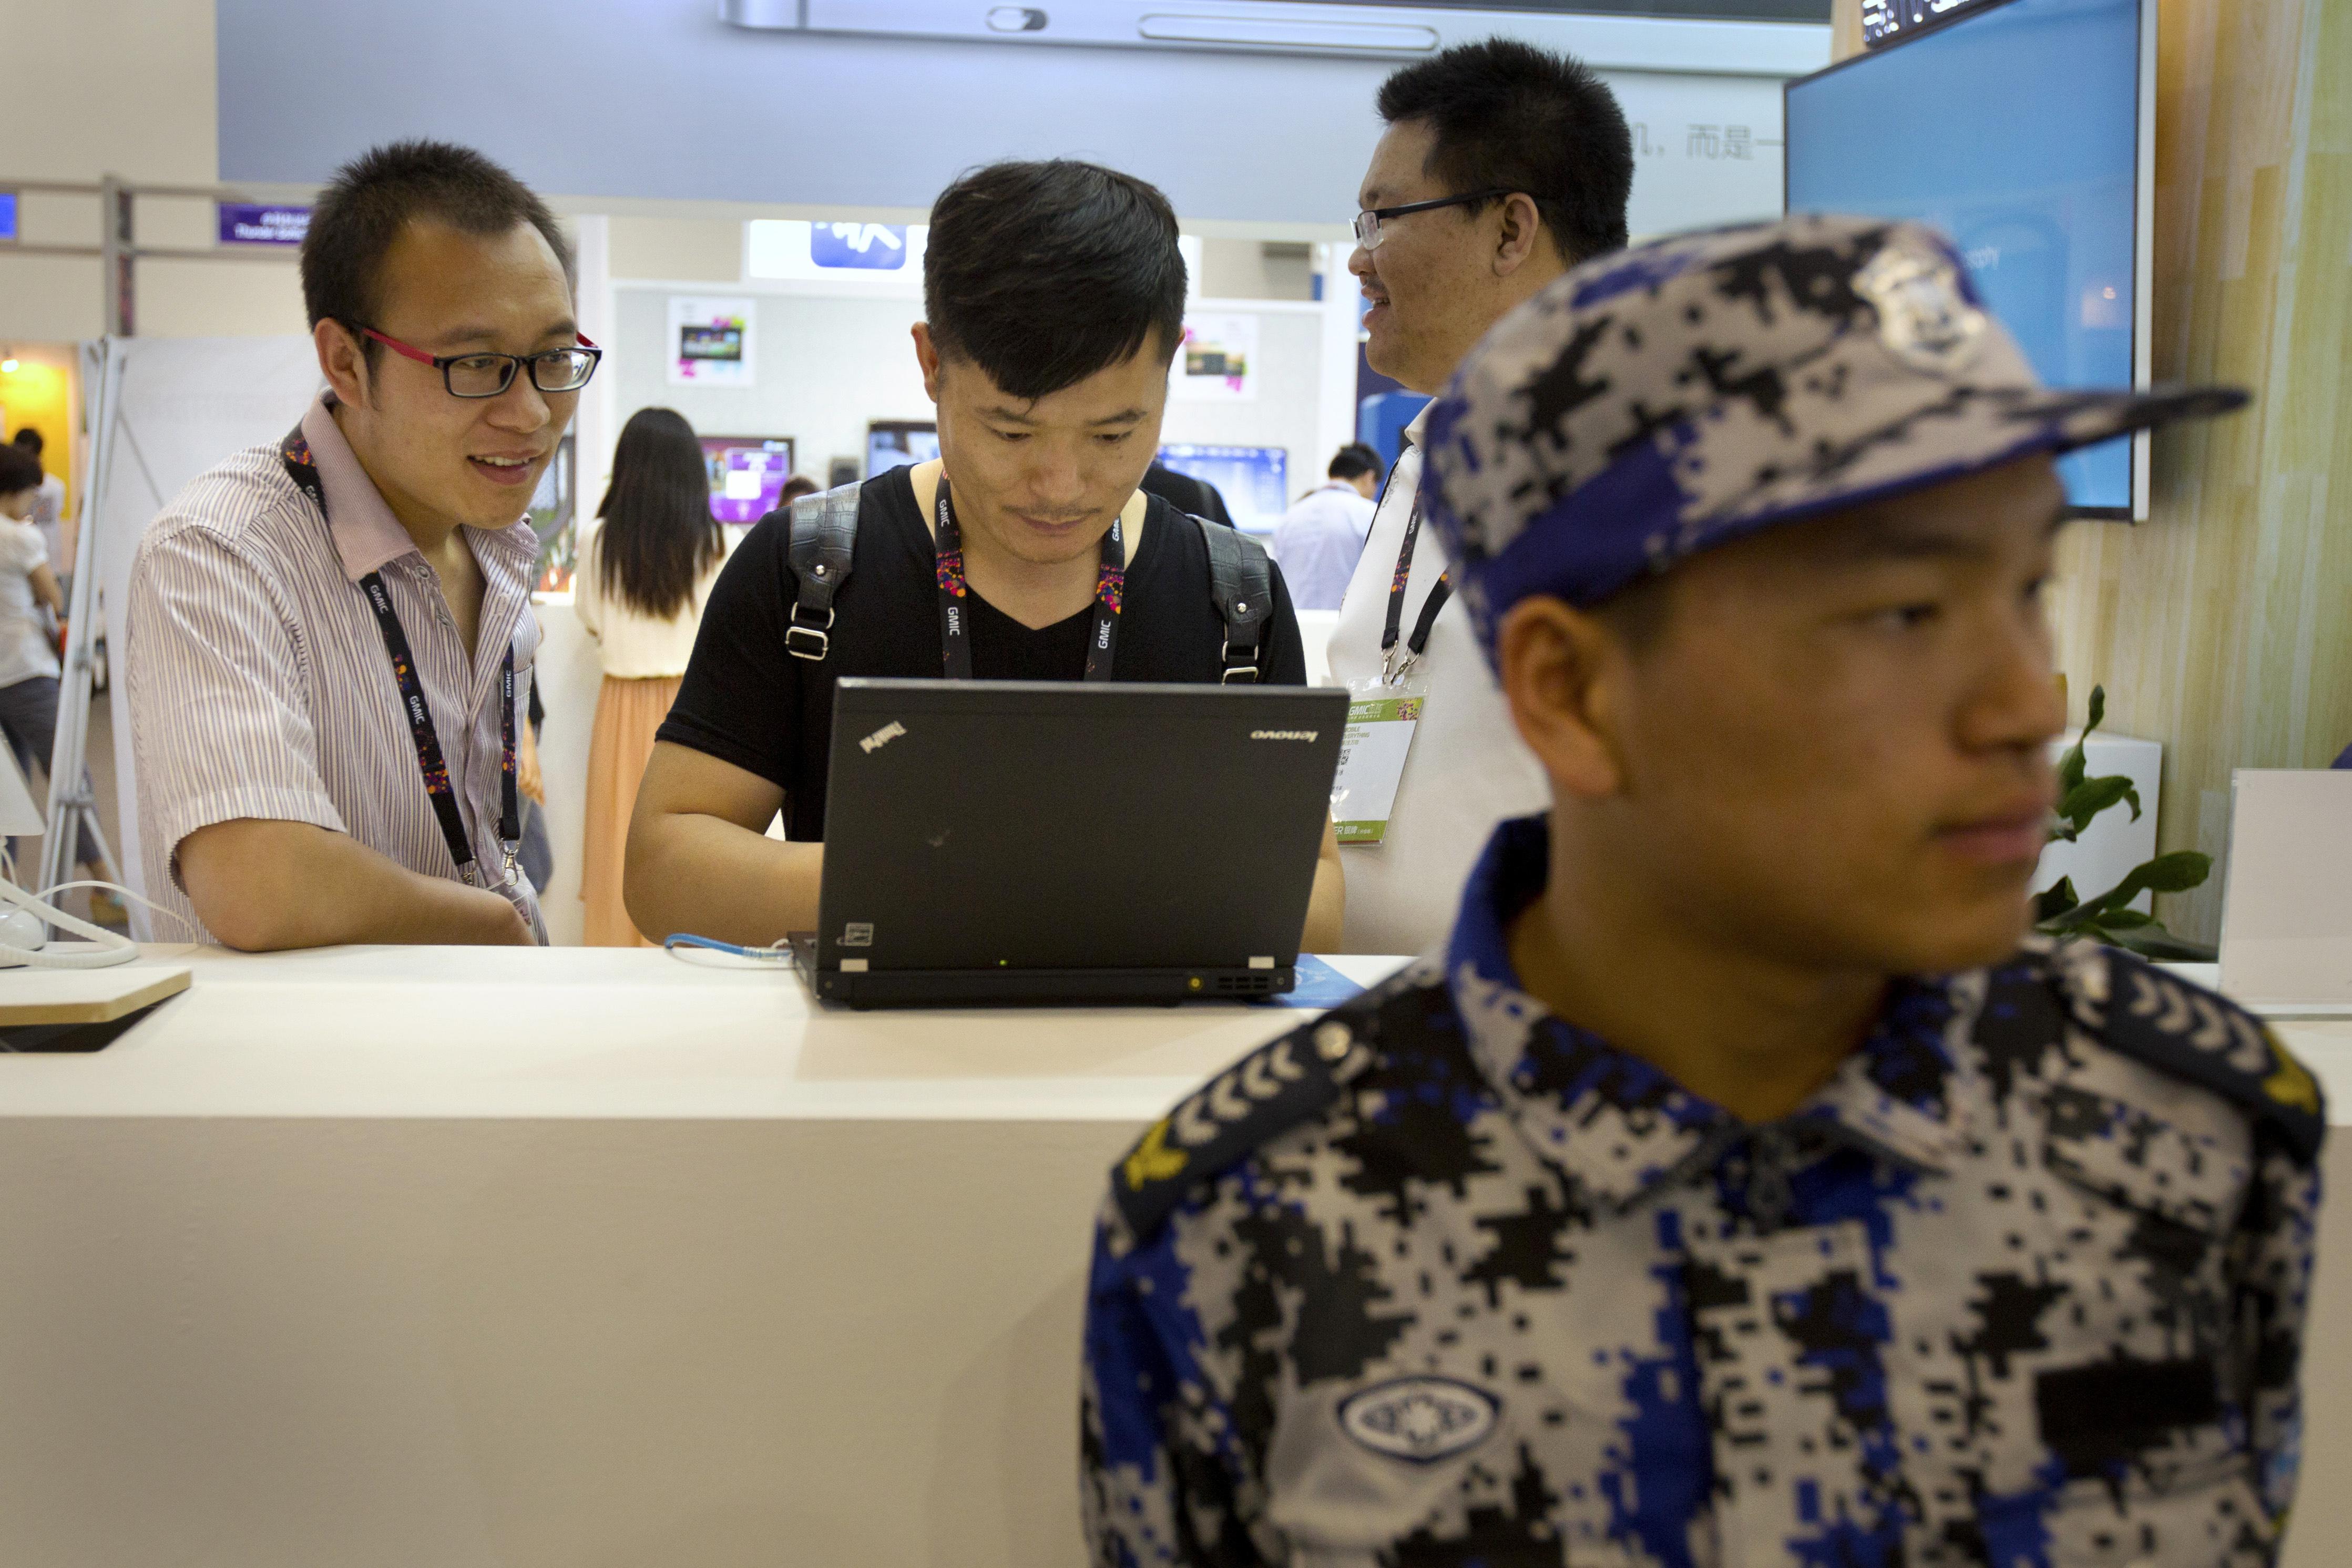 China's Publishing Ban Has Far-Reaching Implications